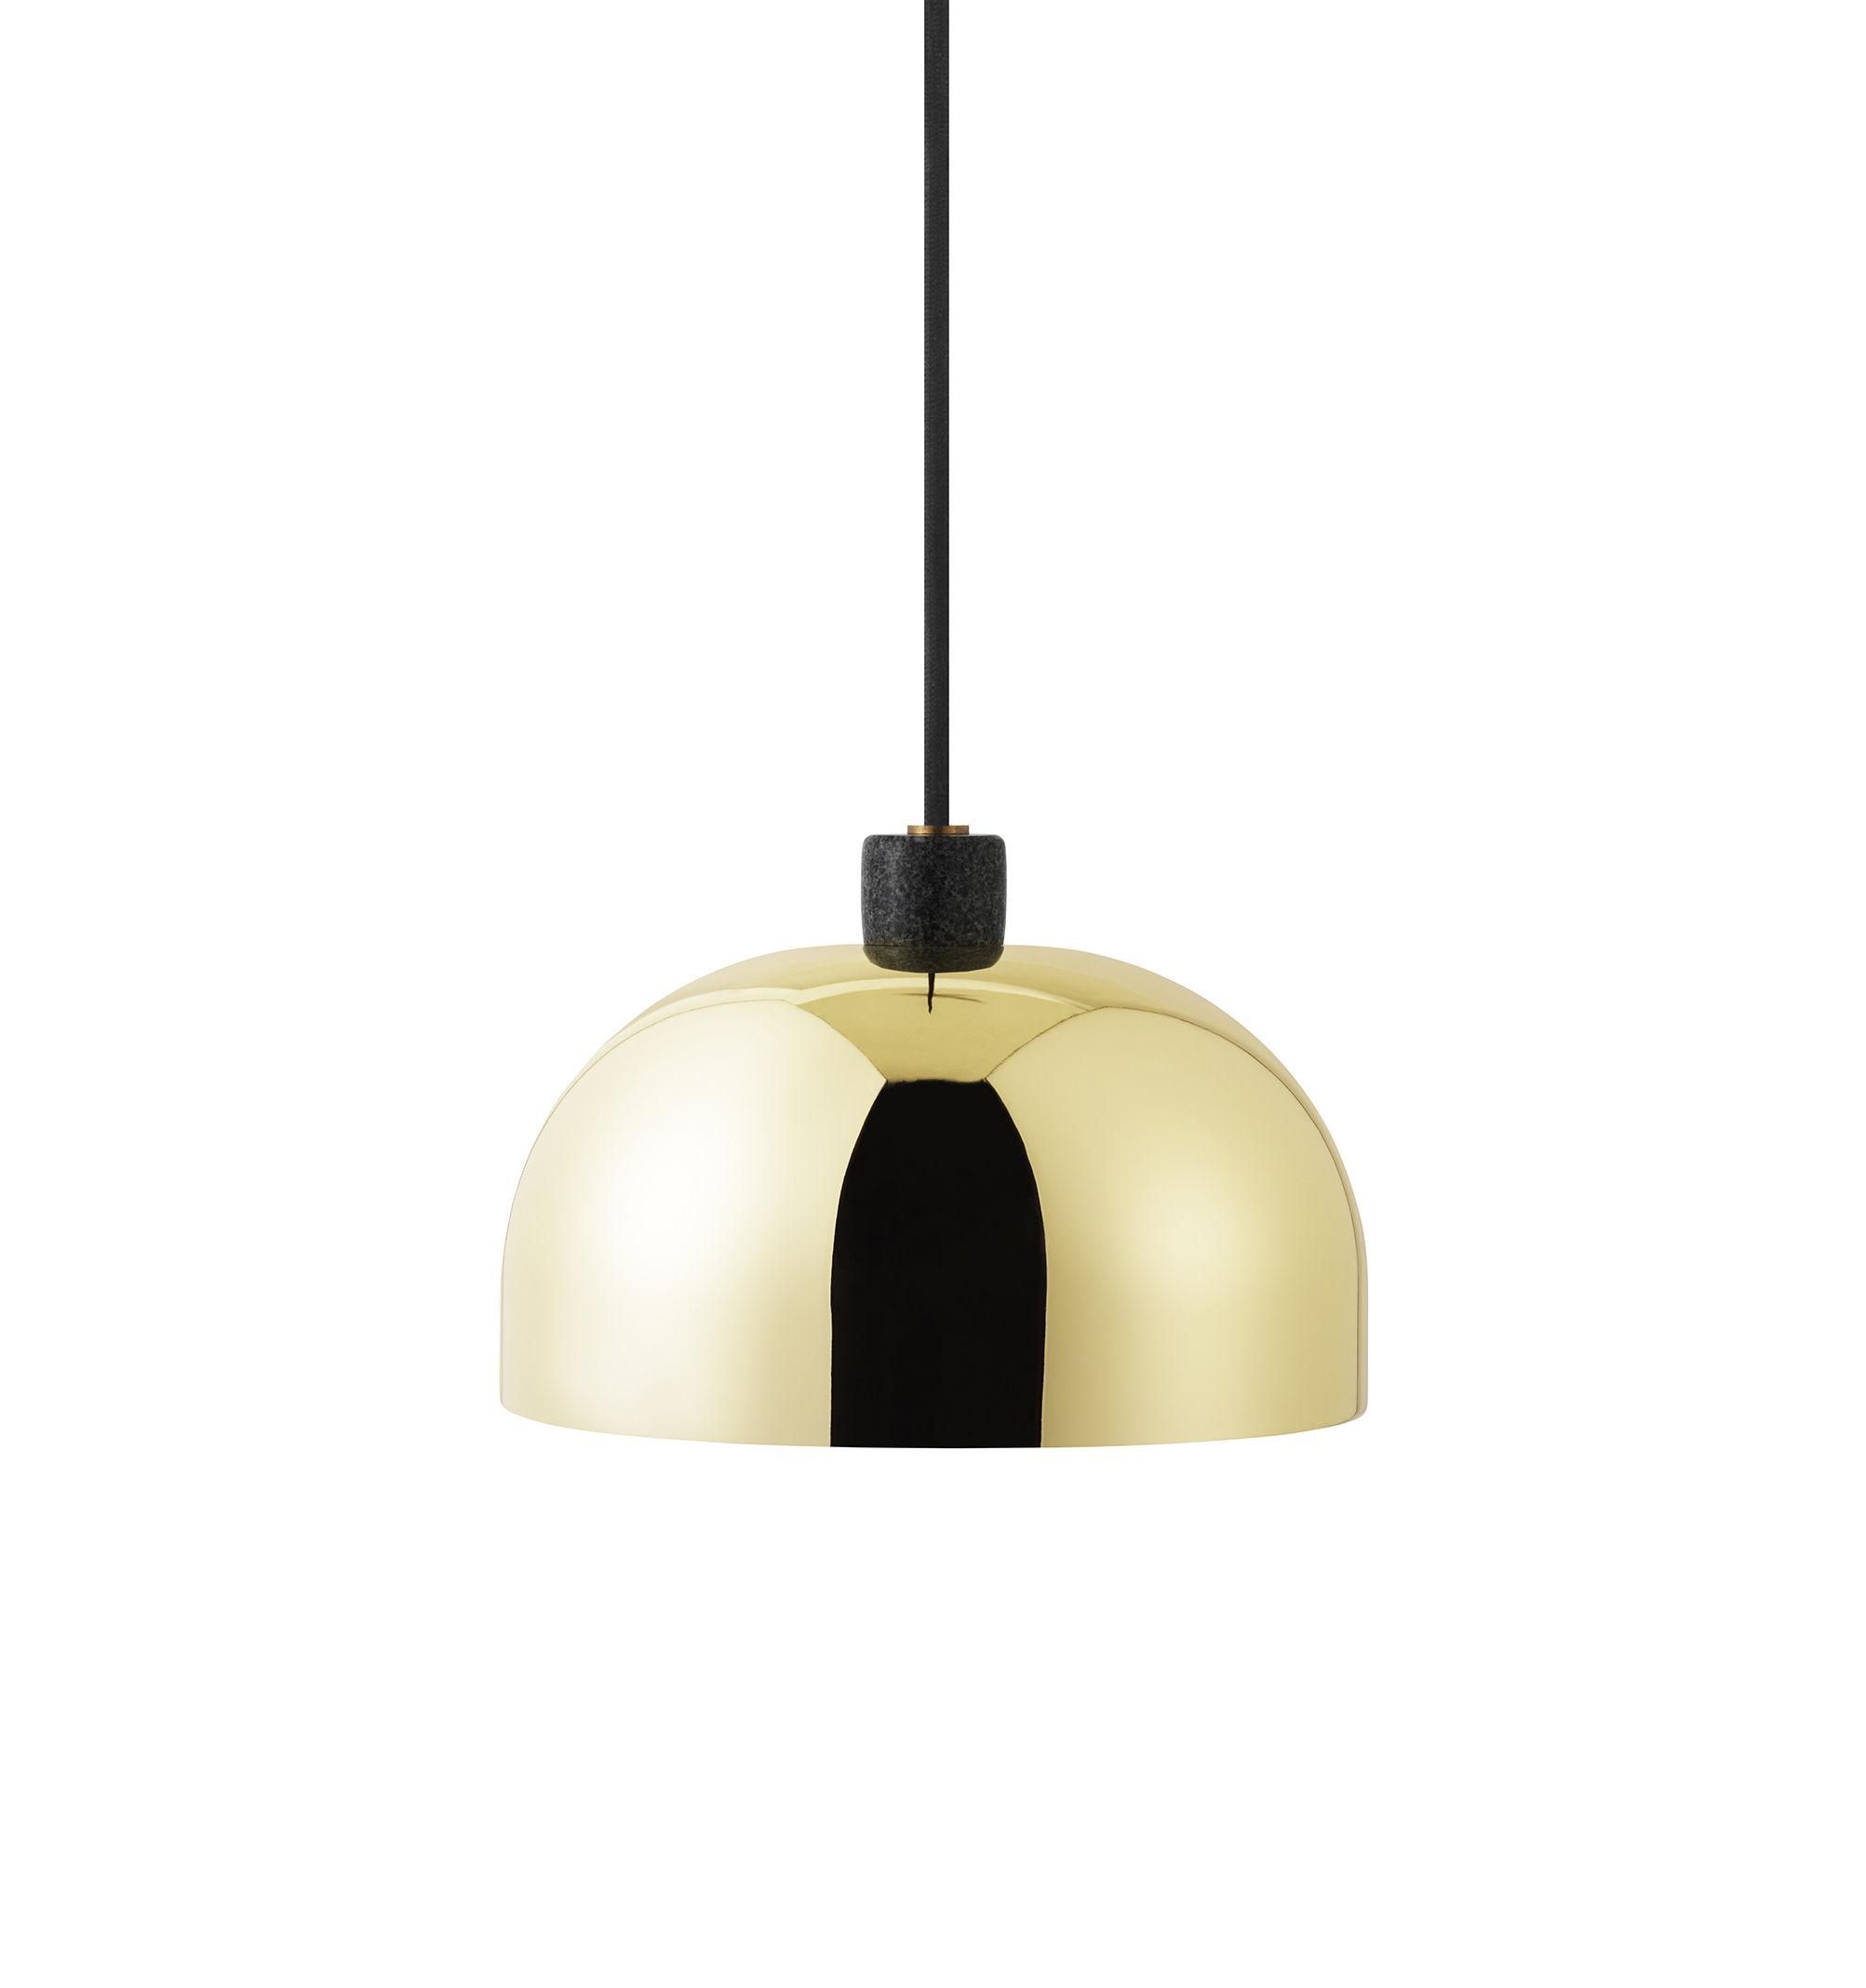 Lighting - Pendant Lighting - Grant Pendant - / Brass & granite - Ø 23 cm by Normann Copenhagen - Brass - Brass, Granite